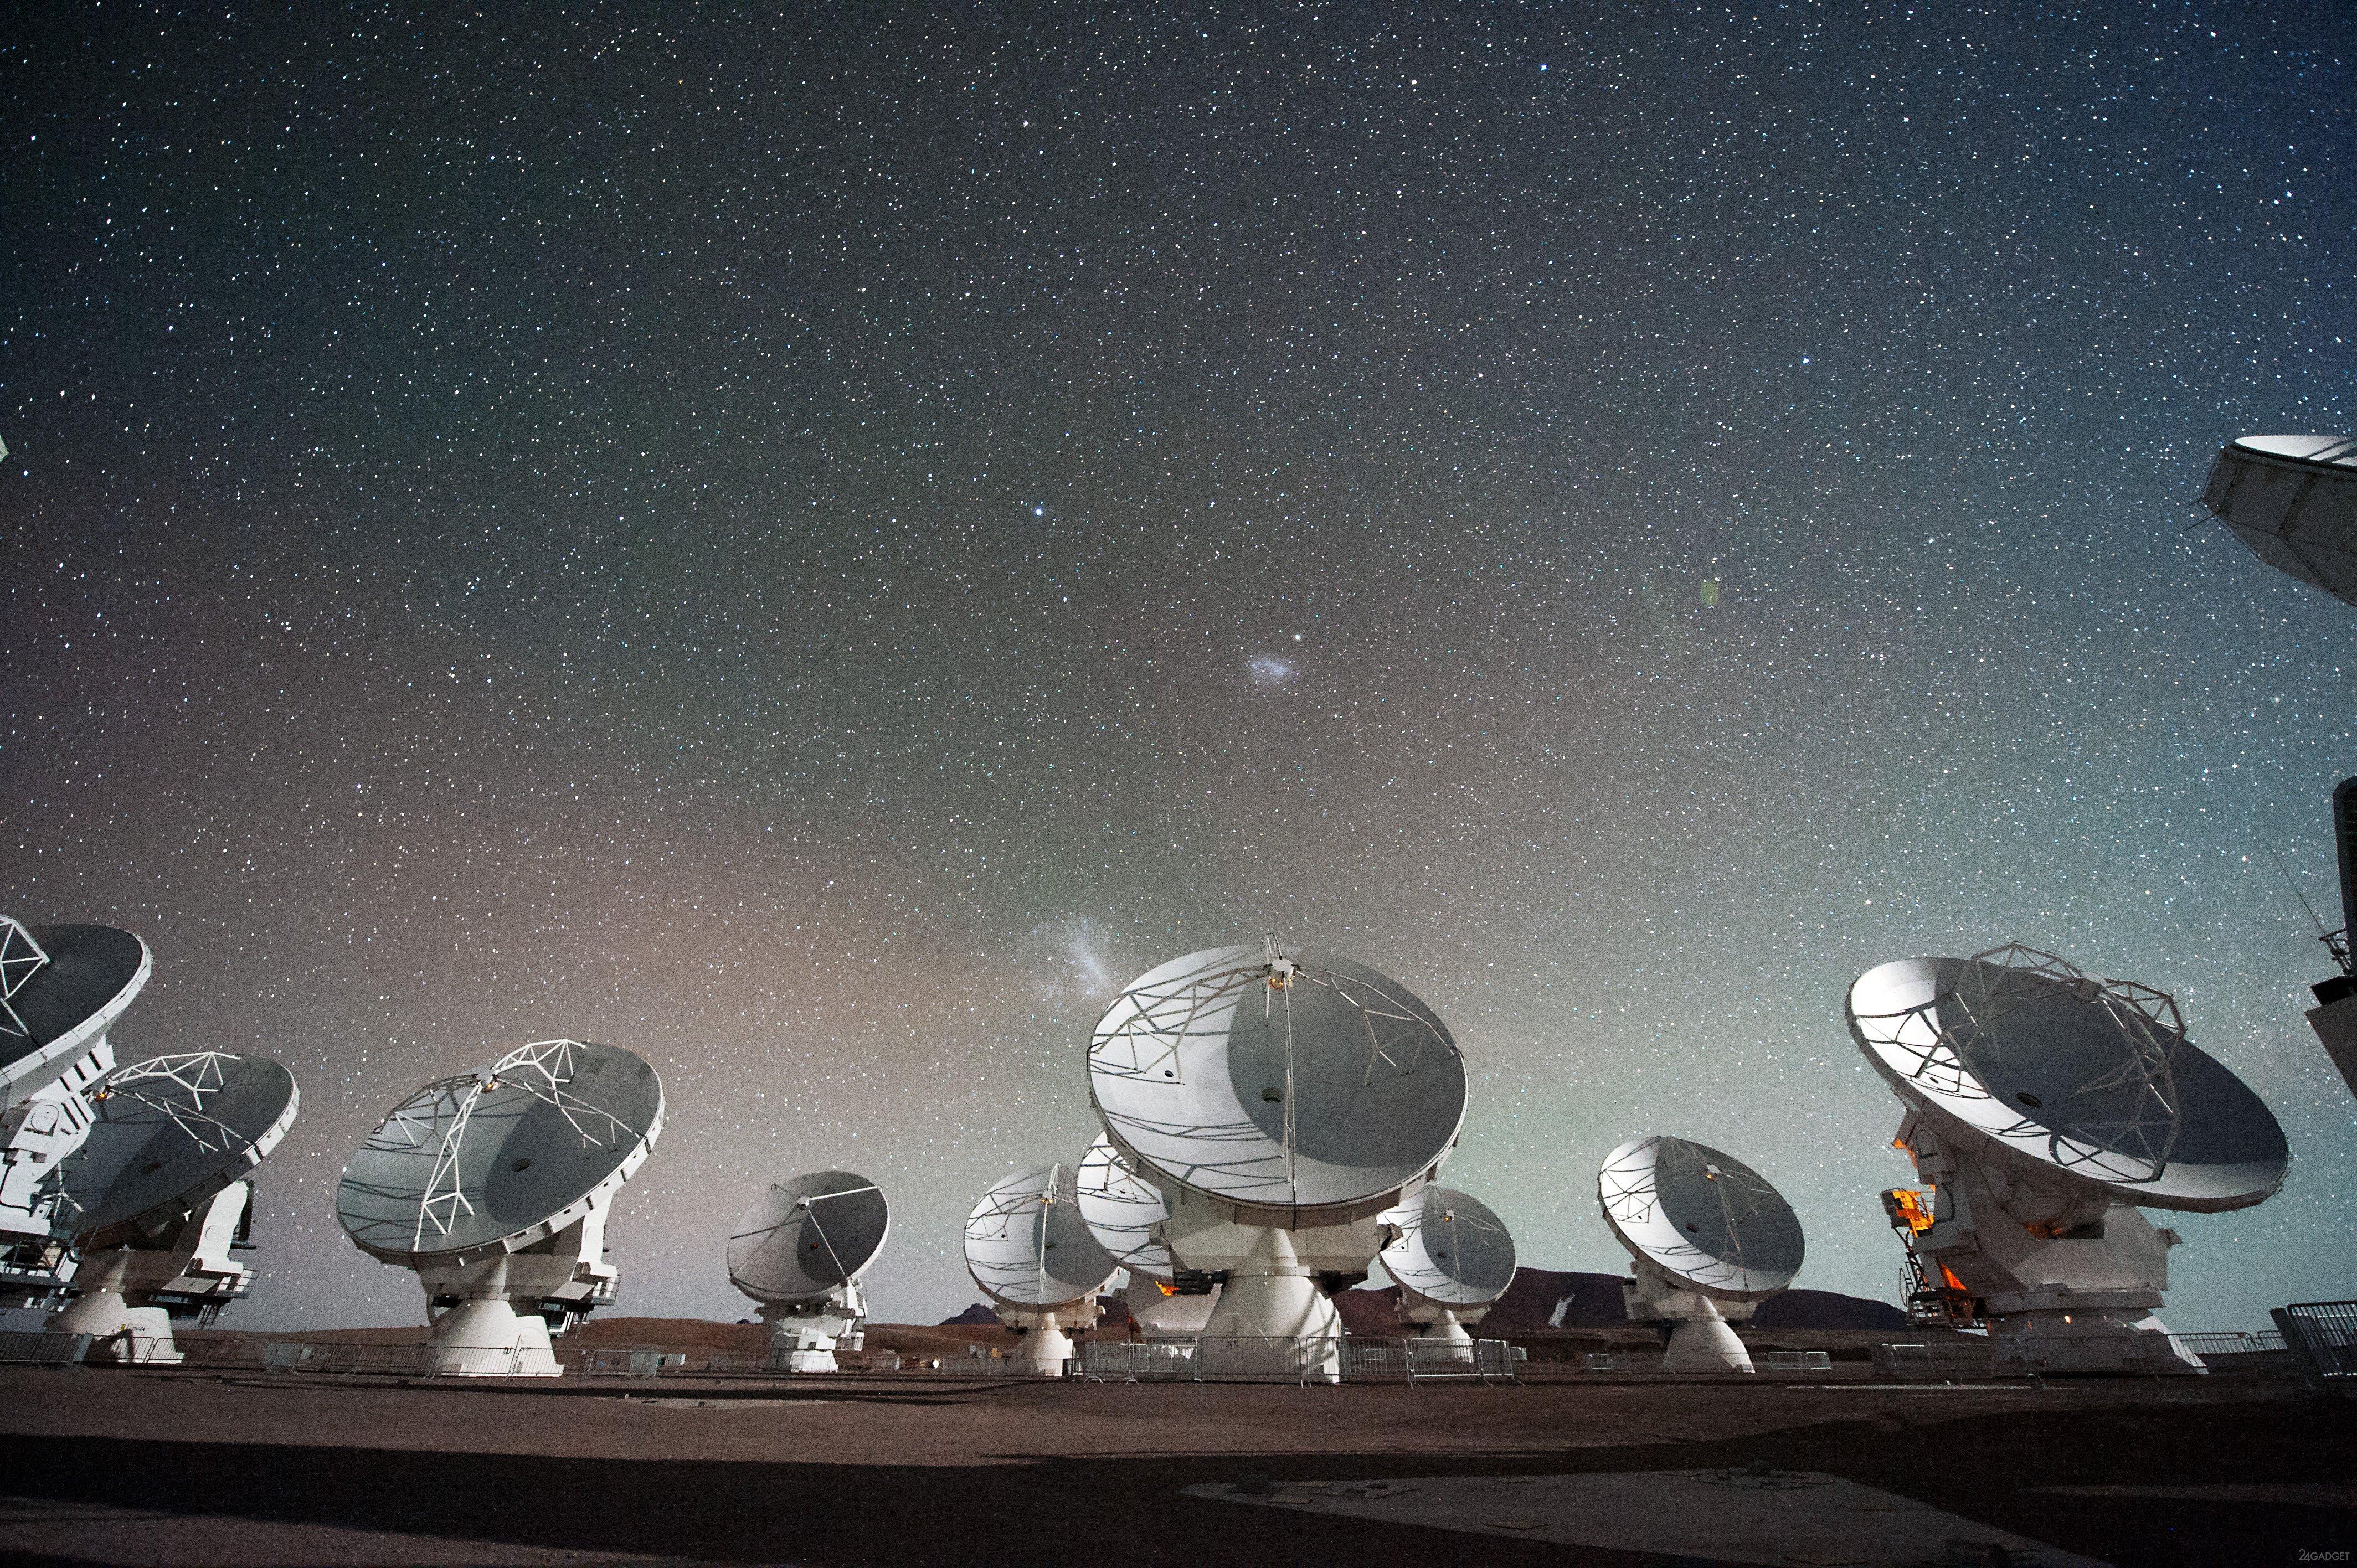 кролика рекс картинки грохот вселенского масштаба услышали с земли для ночного клуба